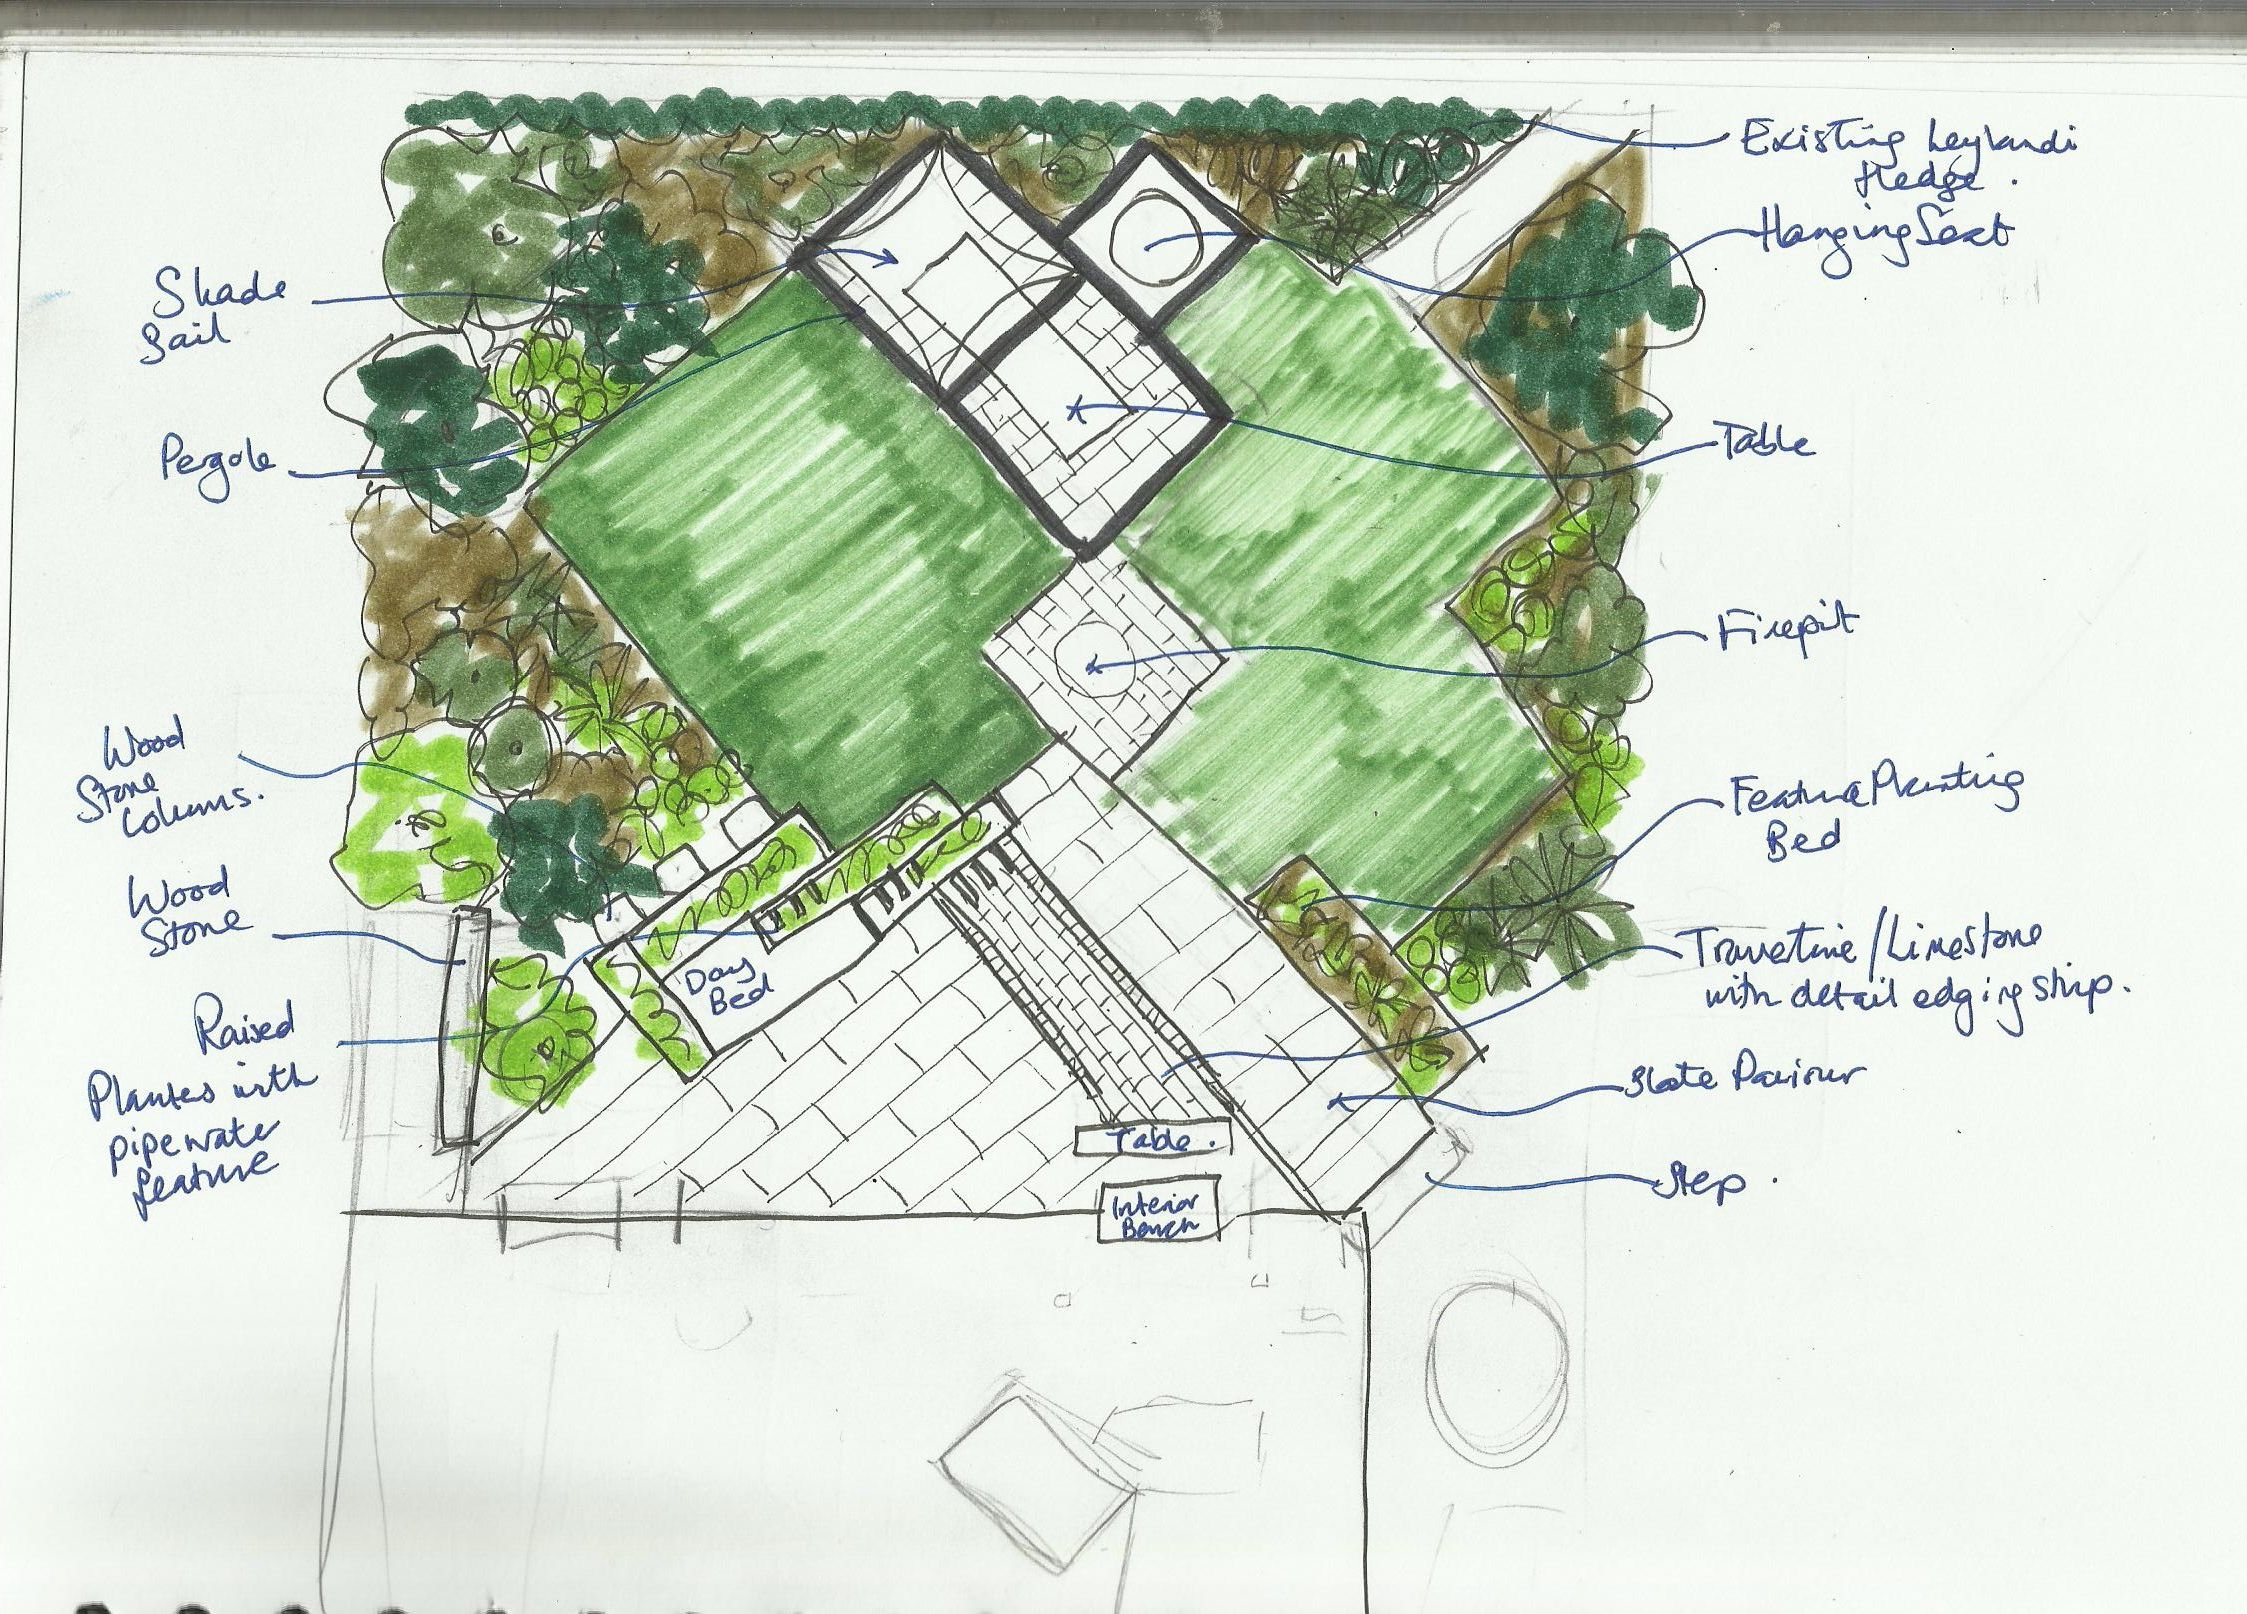 Garden Designer in Essex comes to the rescue of Chelmsford garden